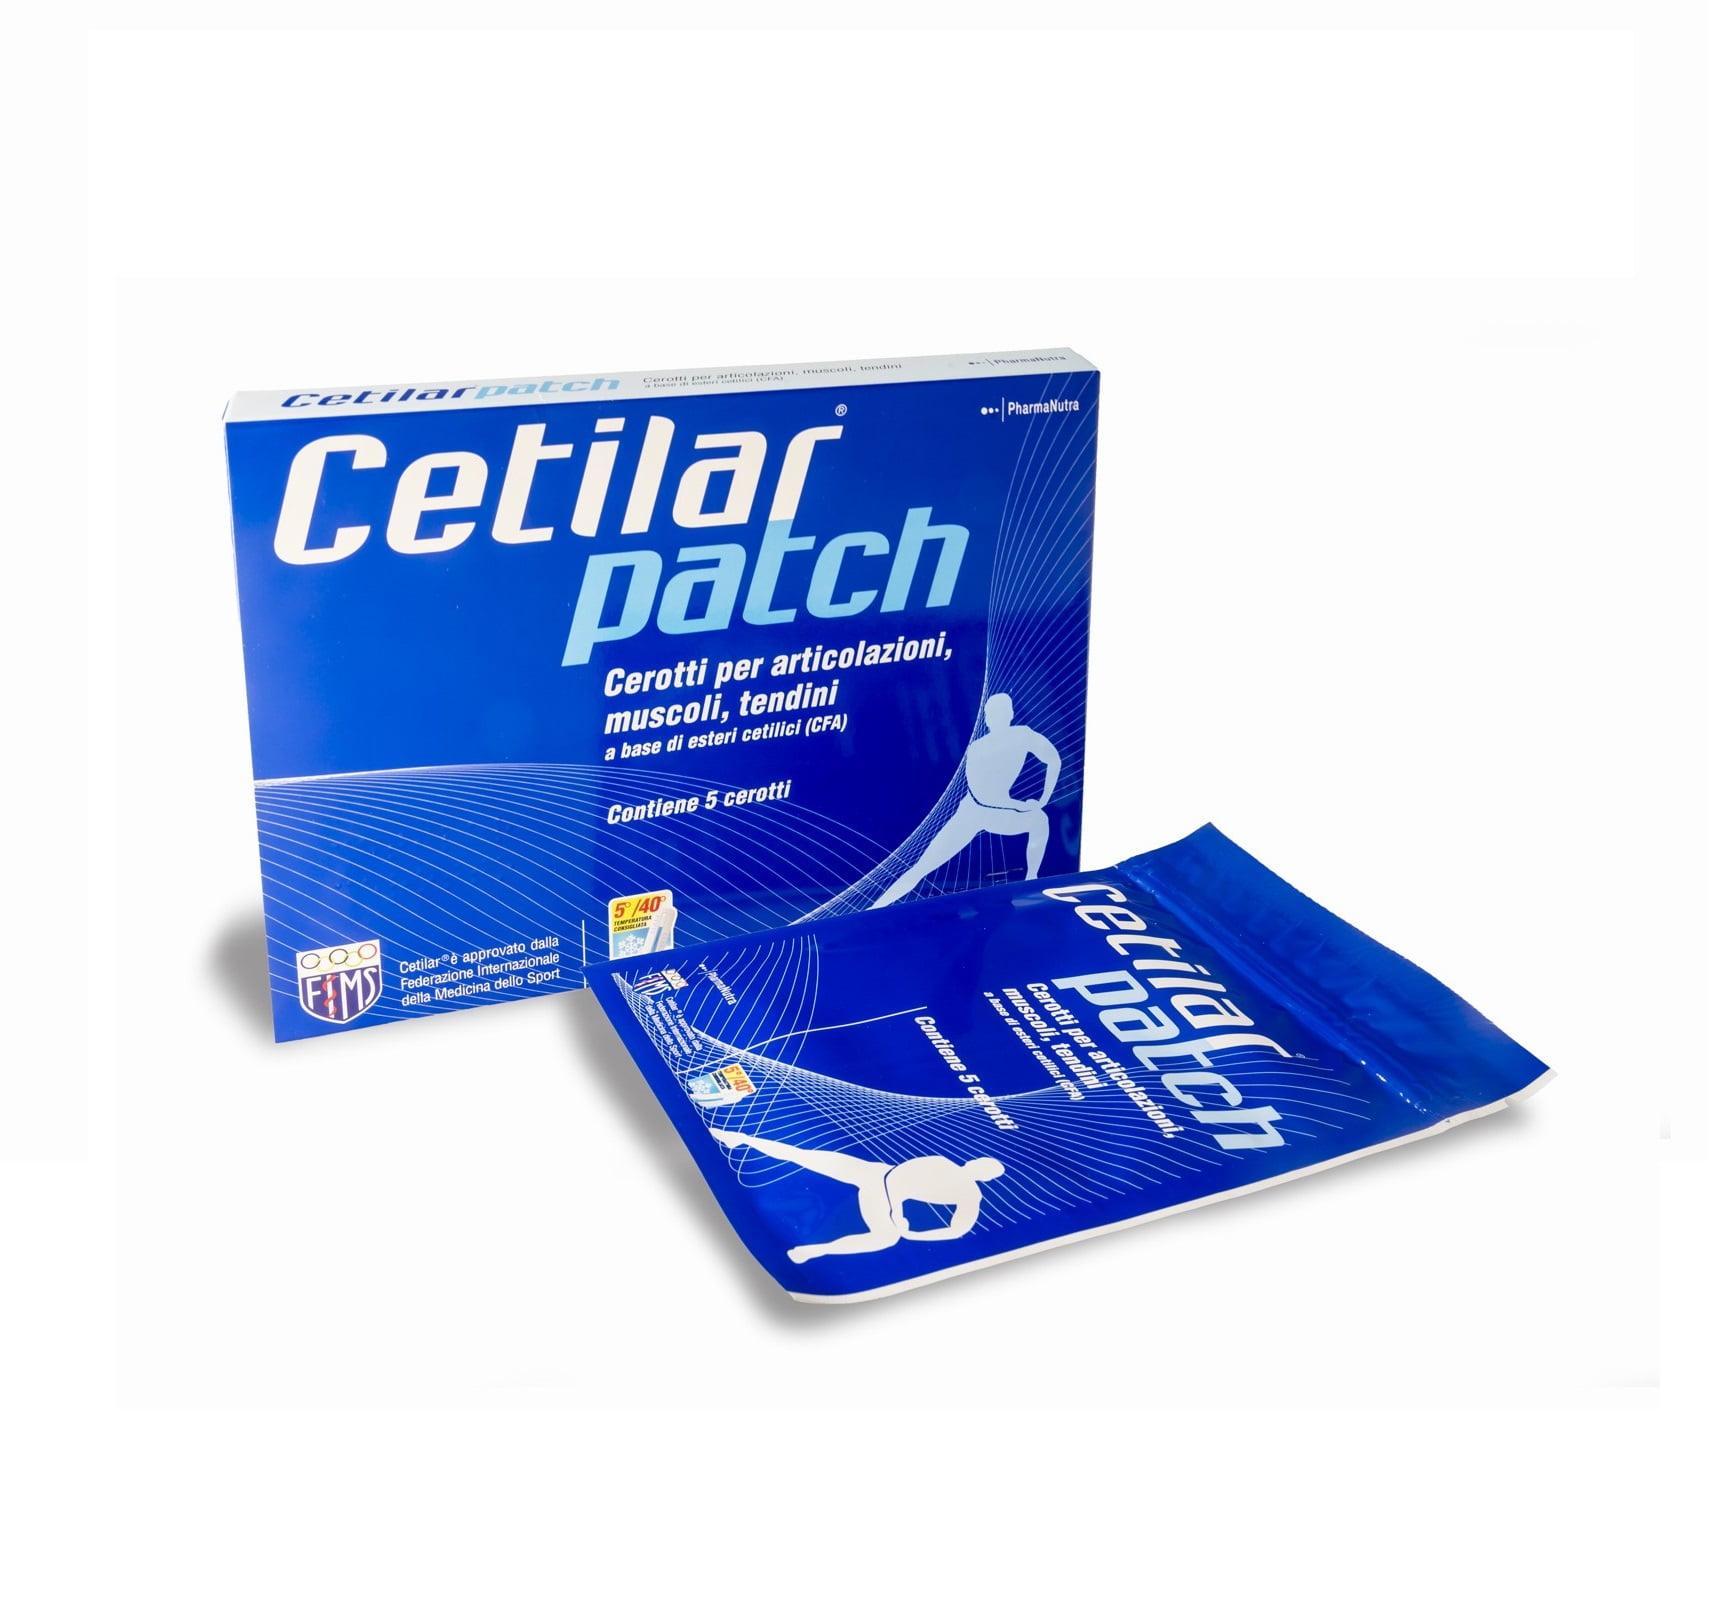 Cetilar Patch 5 Cerotti con Mentolo - Farmaci & Dintorni